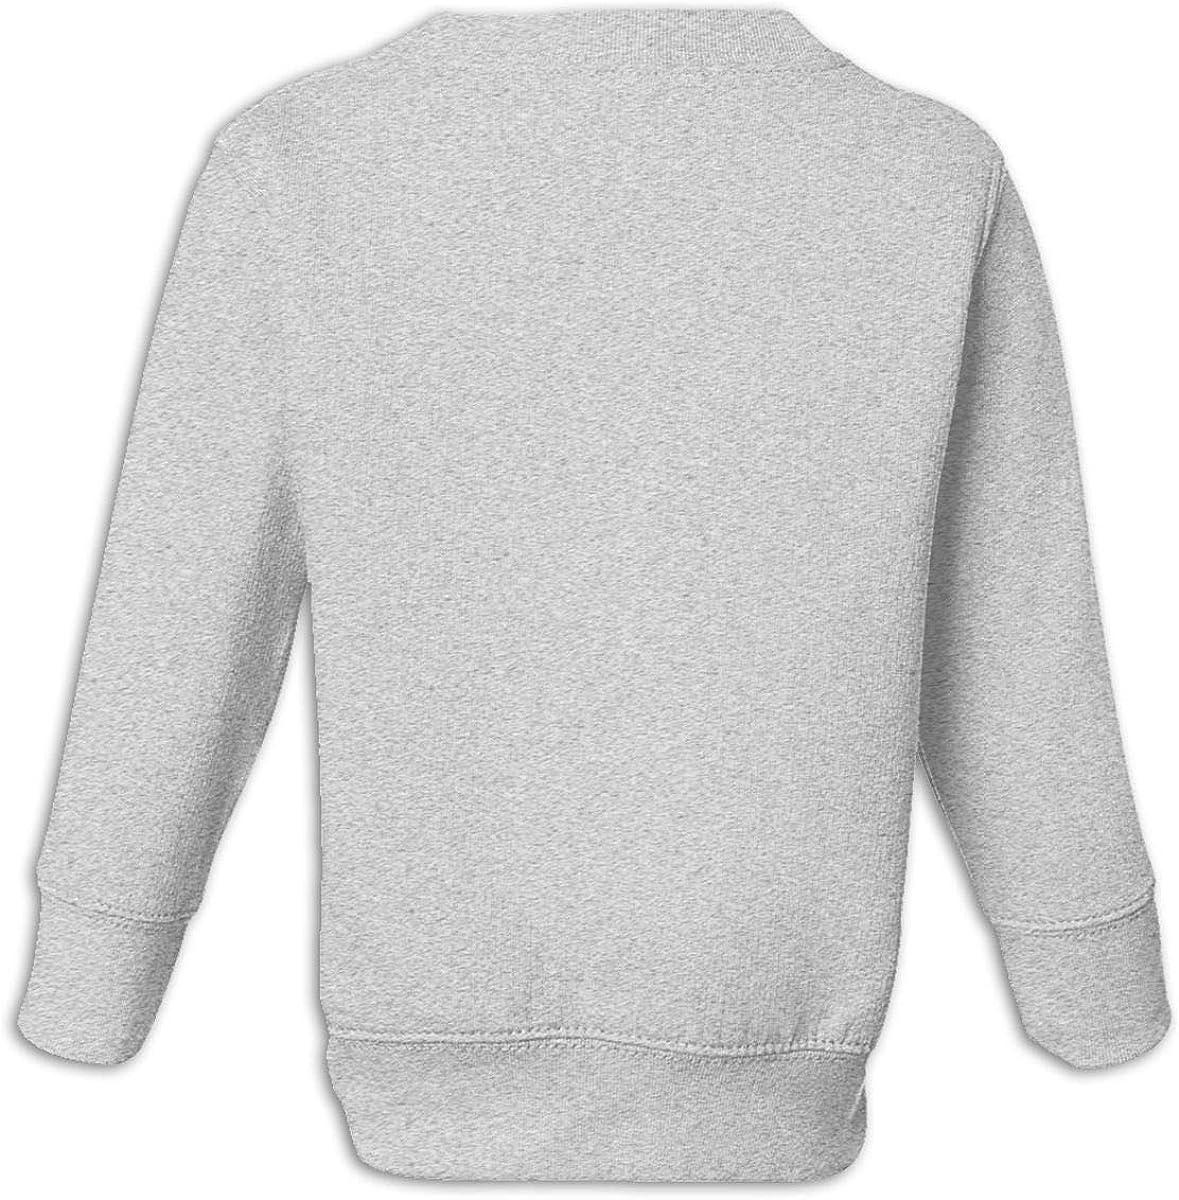 Fleece Pull Over Sweatshirt for Boys Girls Kids Youth 030-monkey Unisex Toddler Hoodies